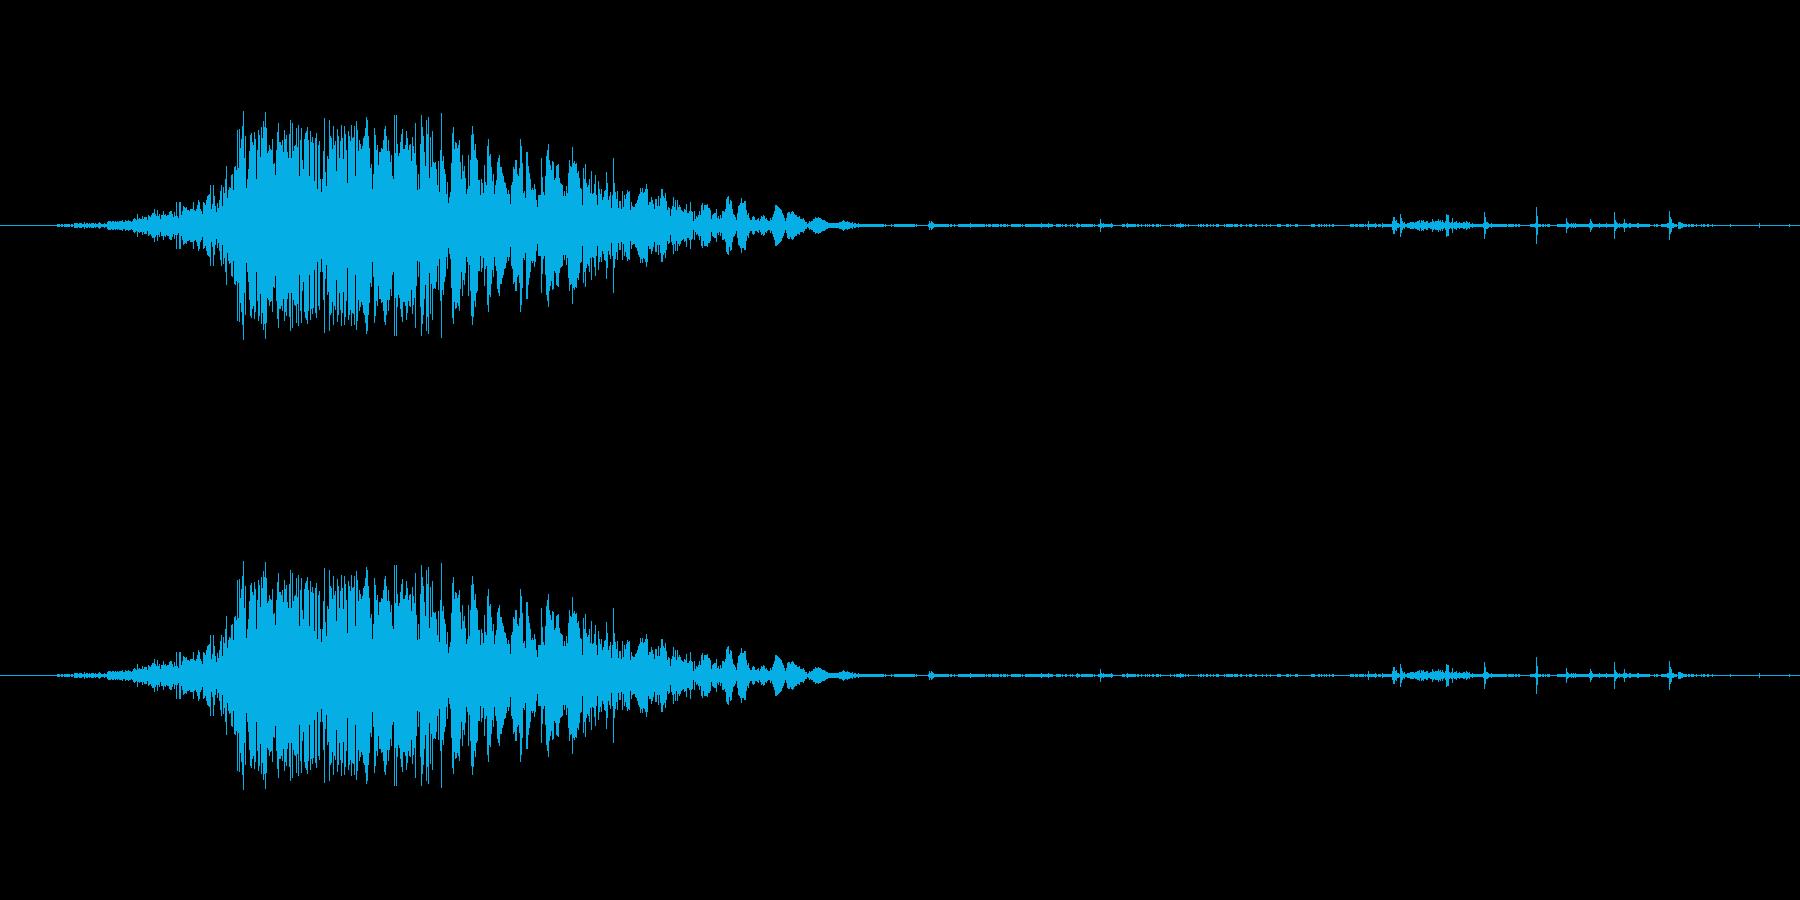 斬撃音(刀や剣で斬る/刺す効果音)05の再生済みの波形